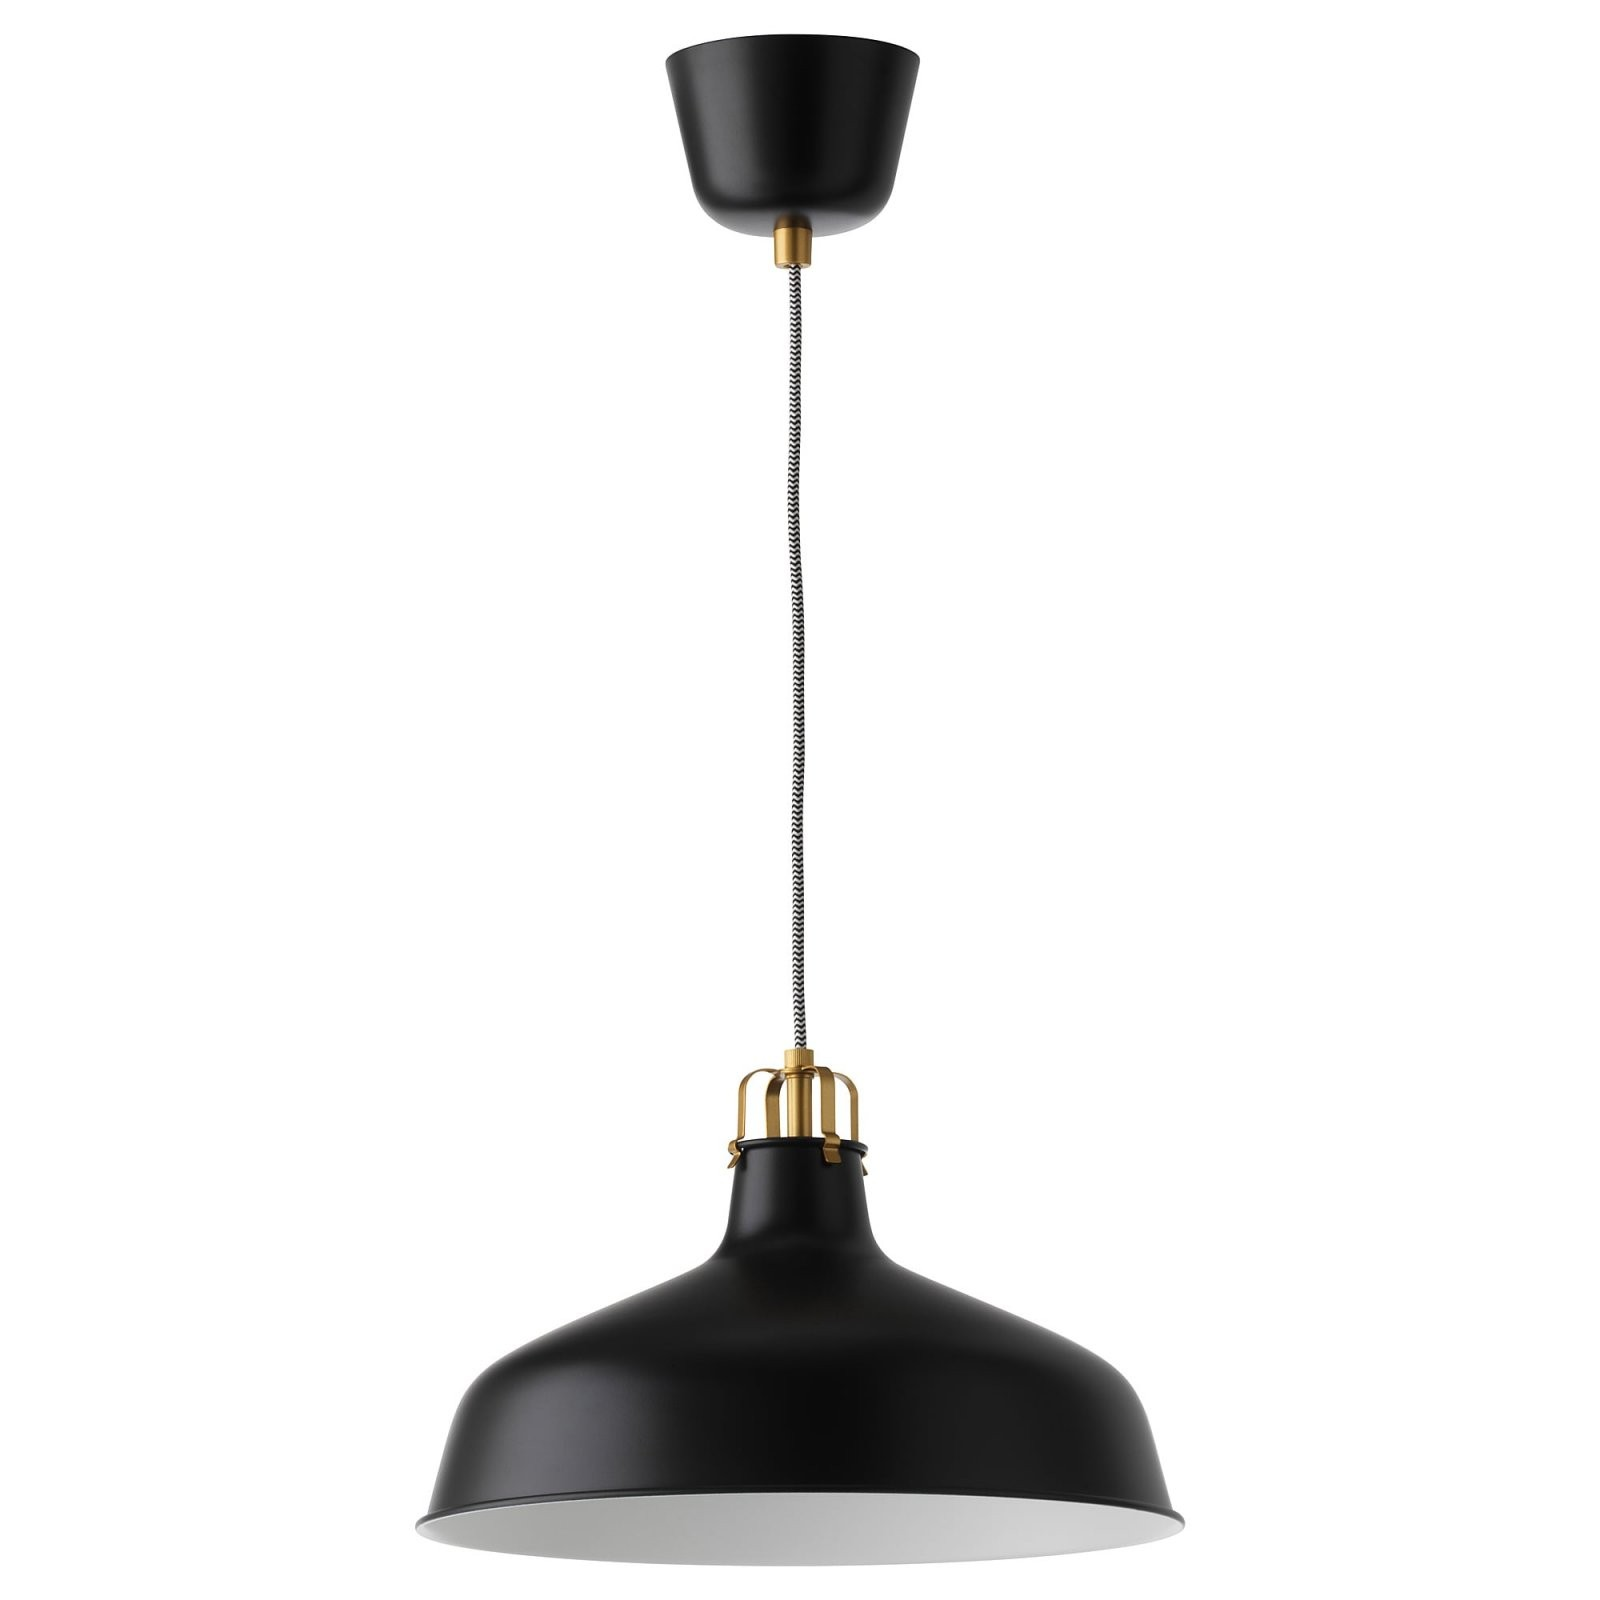 Ranarp Hängeleuchte  Schwarz  Ikea von Ikea Lampe Schwarz Kupfer Bild